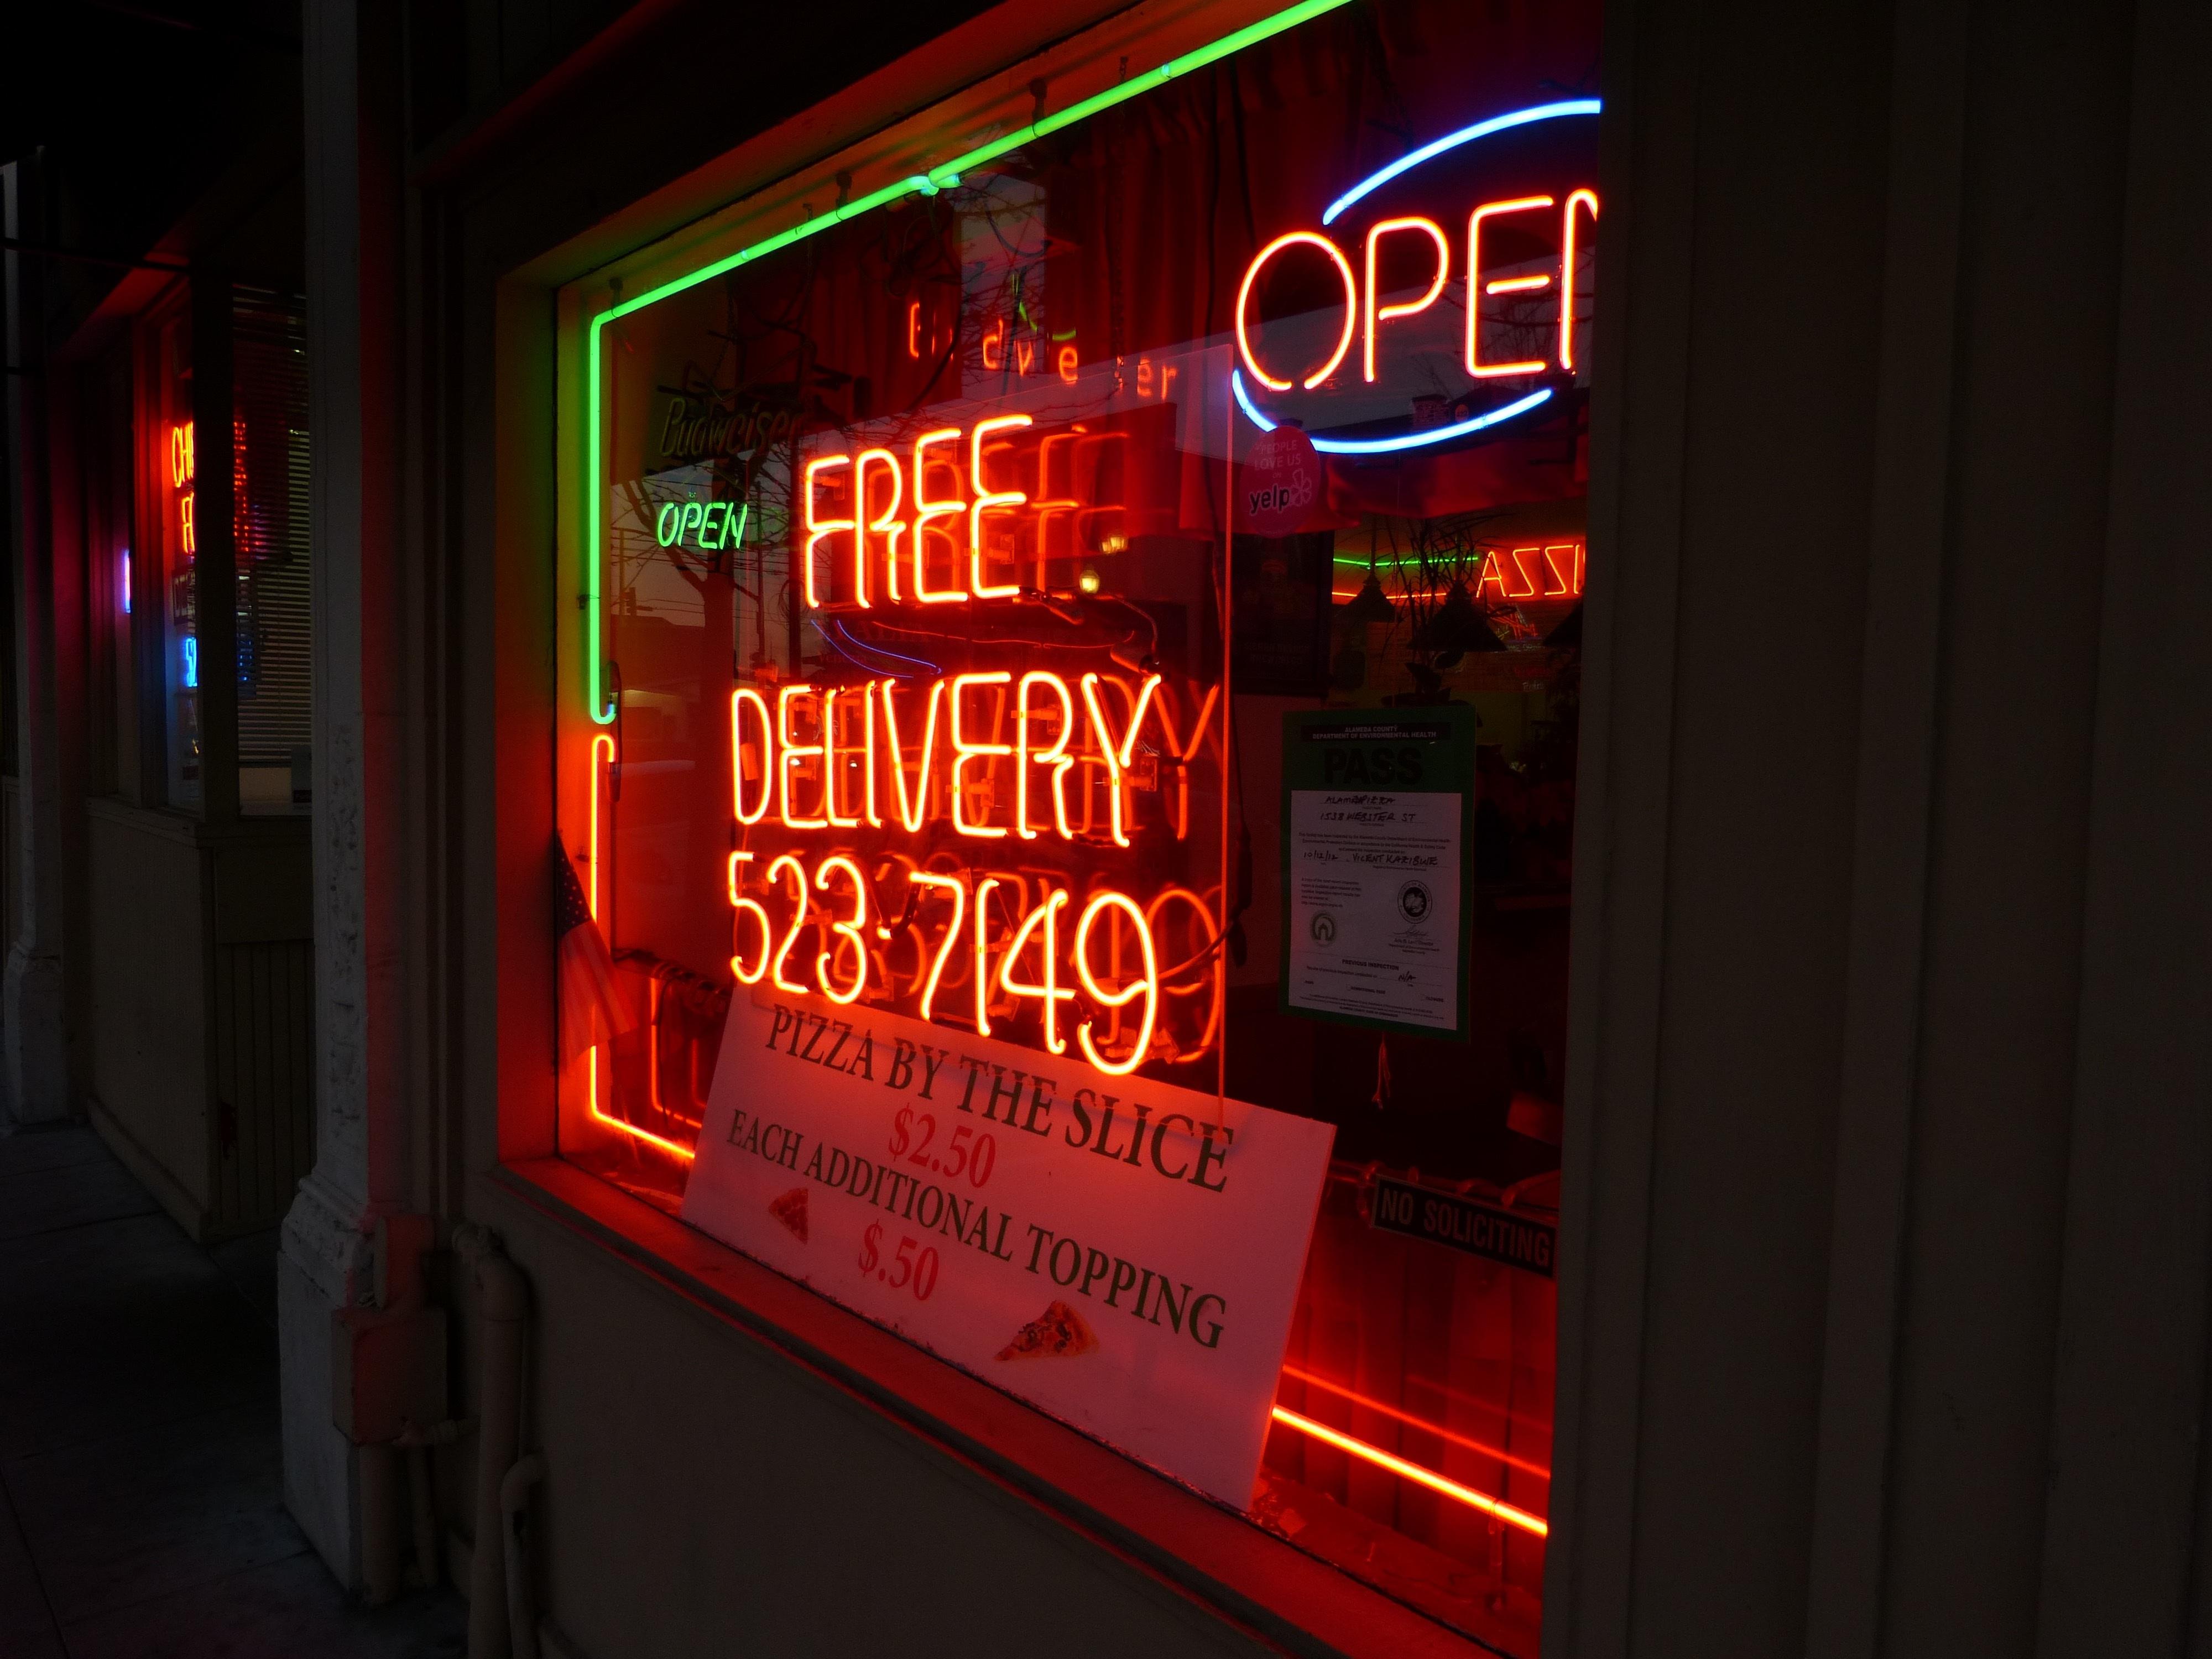 Images Gratuites Nuit Restaurant Bar Signe Rouge Signalisation Enseigne Au Neon Dispositif D Affichage 4000x3000 178247 Banque D Image Gratuite Pxhere